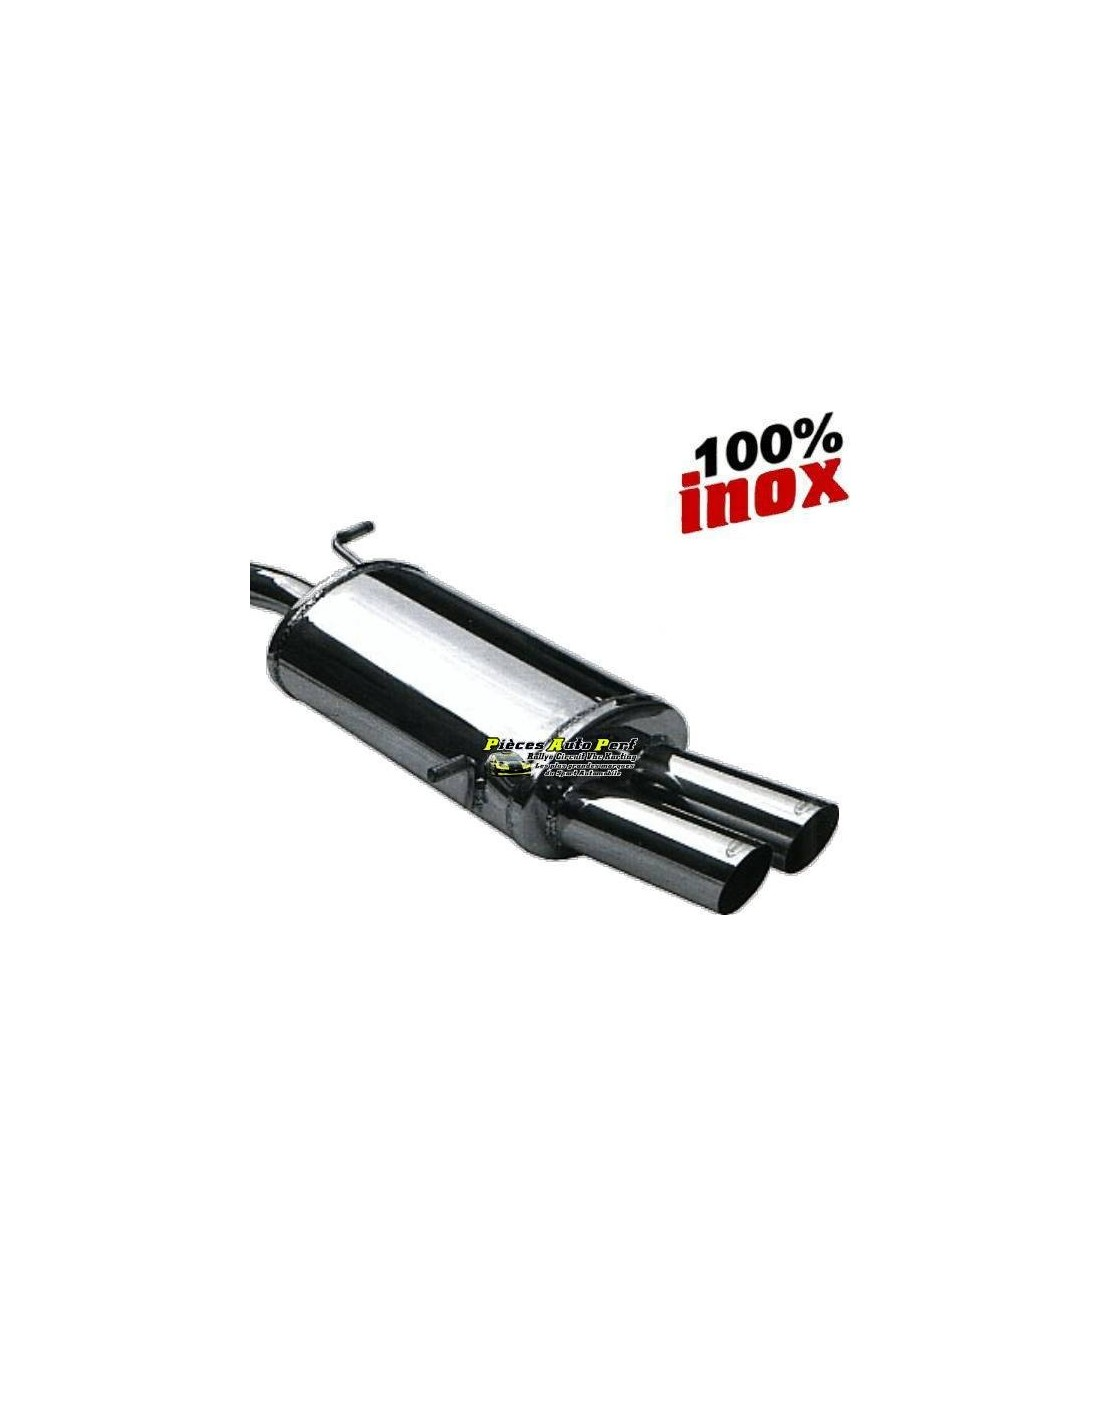 silencieux homologu u00e9 inox 2 sorties racing 80mm alfa romeo